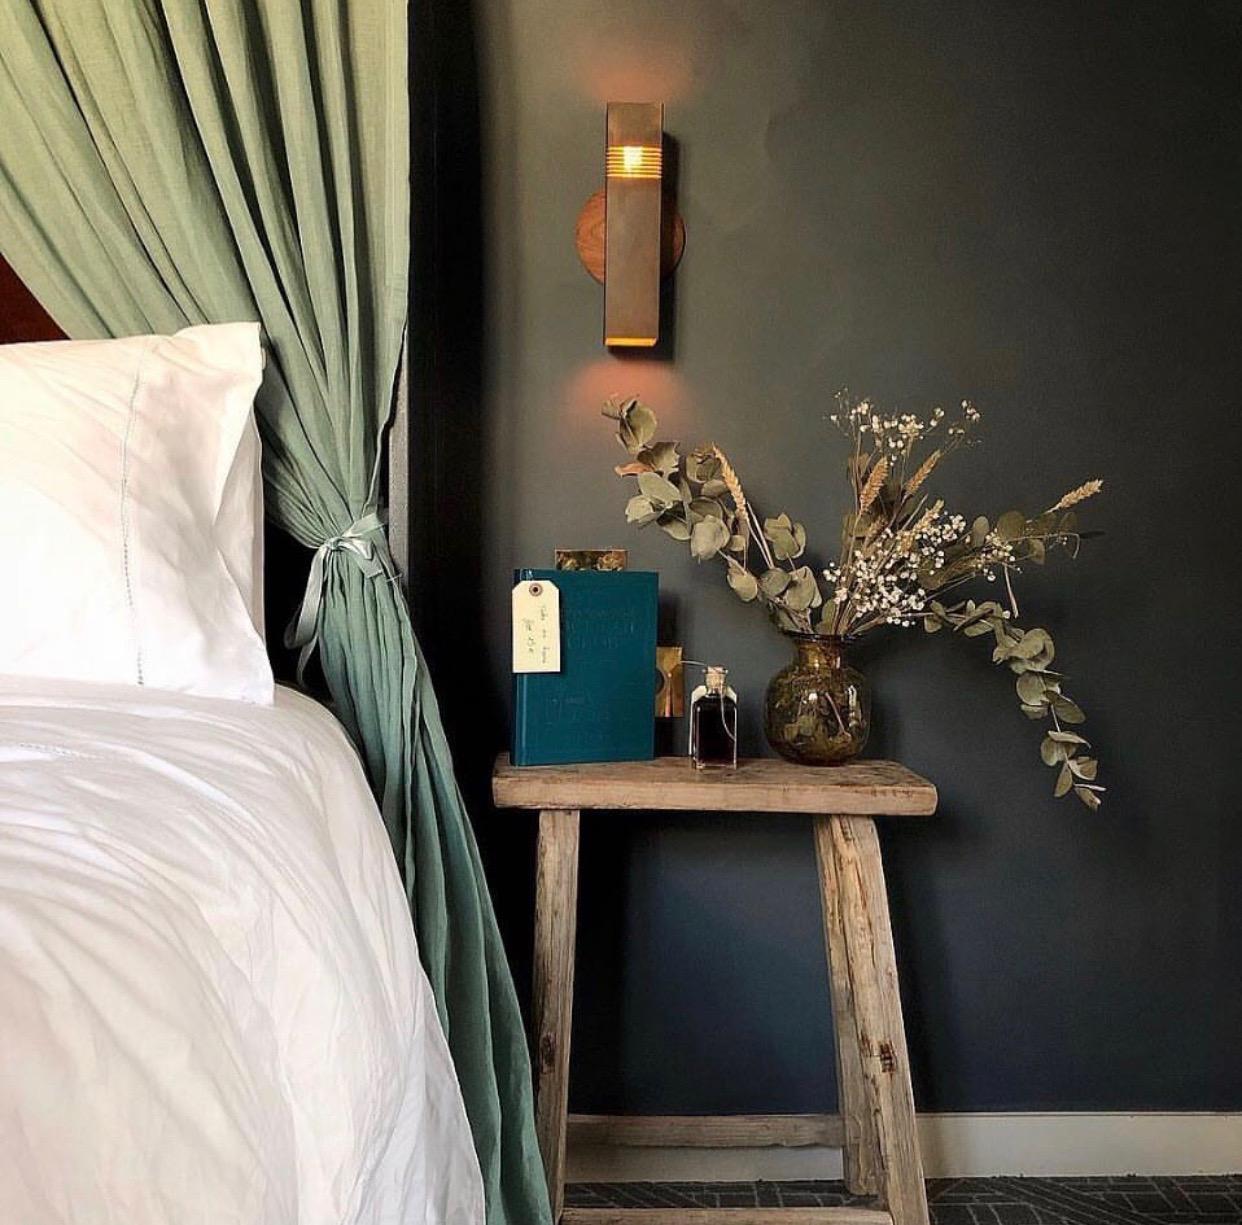 Image credit: Hotel des Grands Boulevards